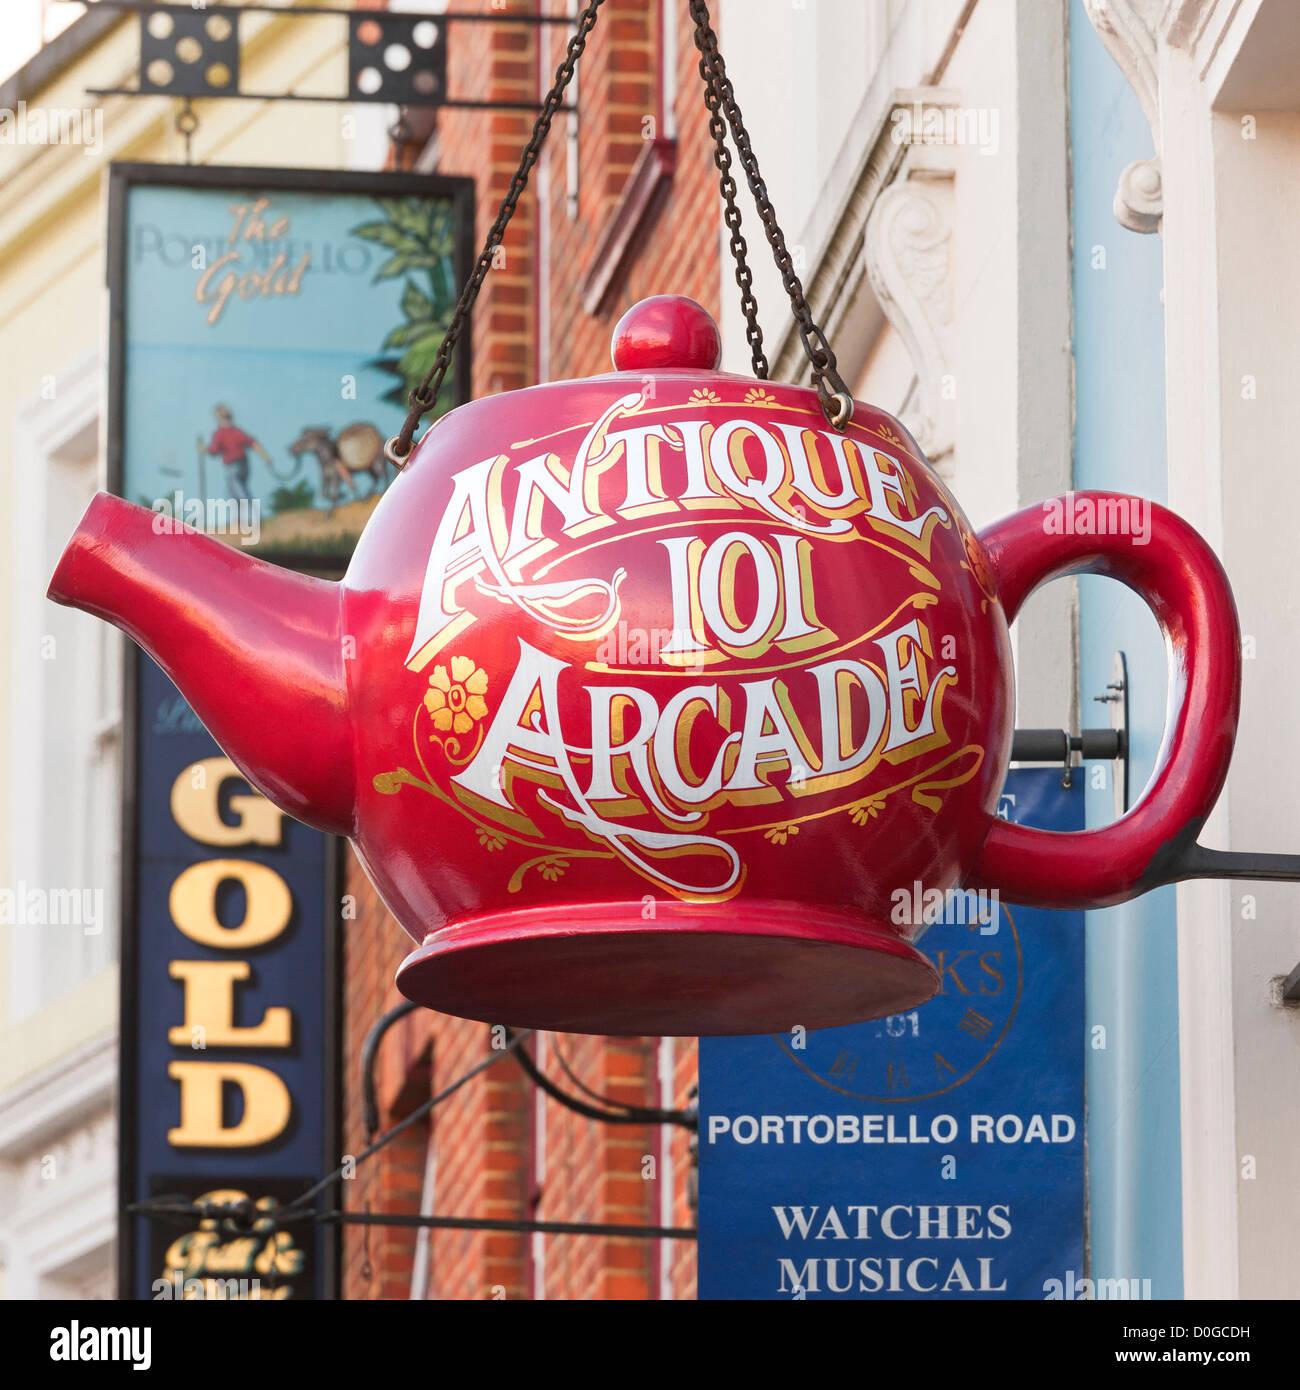 Portobello Road, London Notting Hill. Große rote Teekanne Ladenschild für Antiquitäten Mall der antiken Stockbild